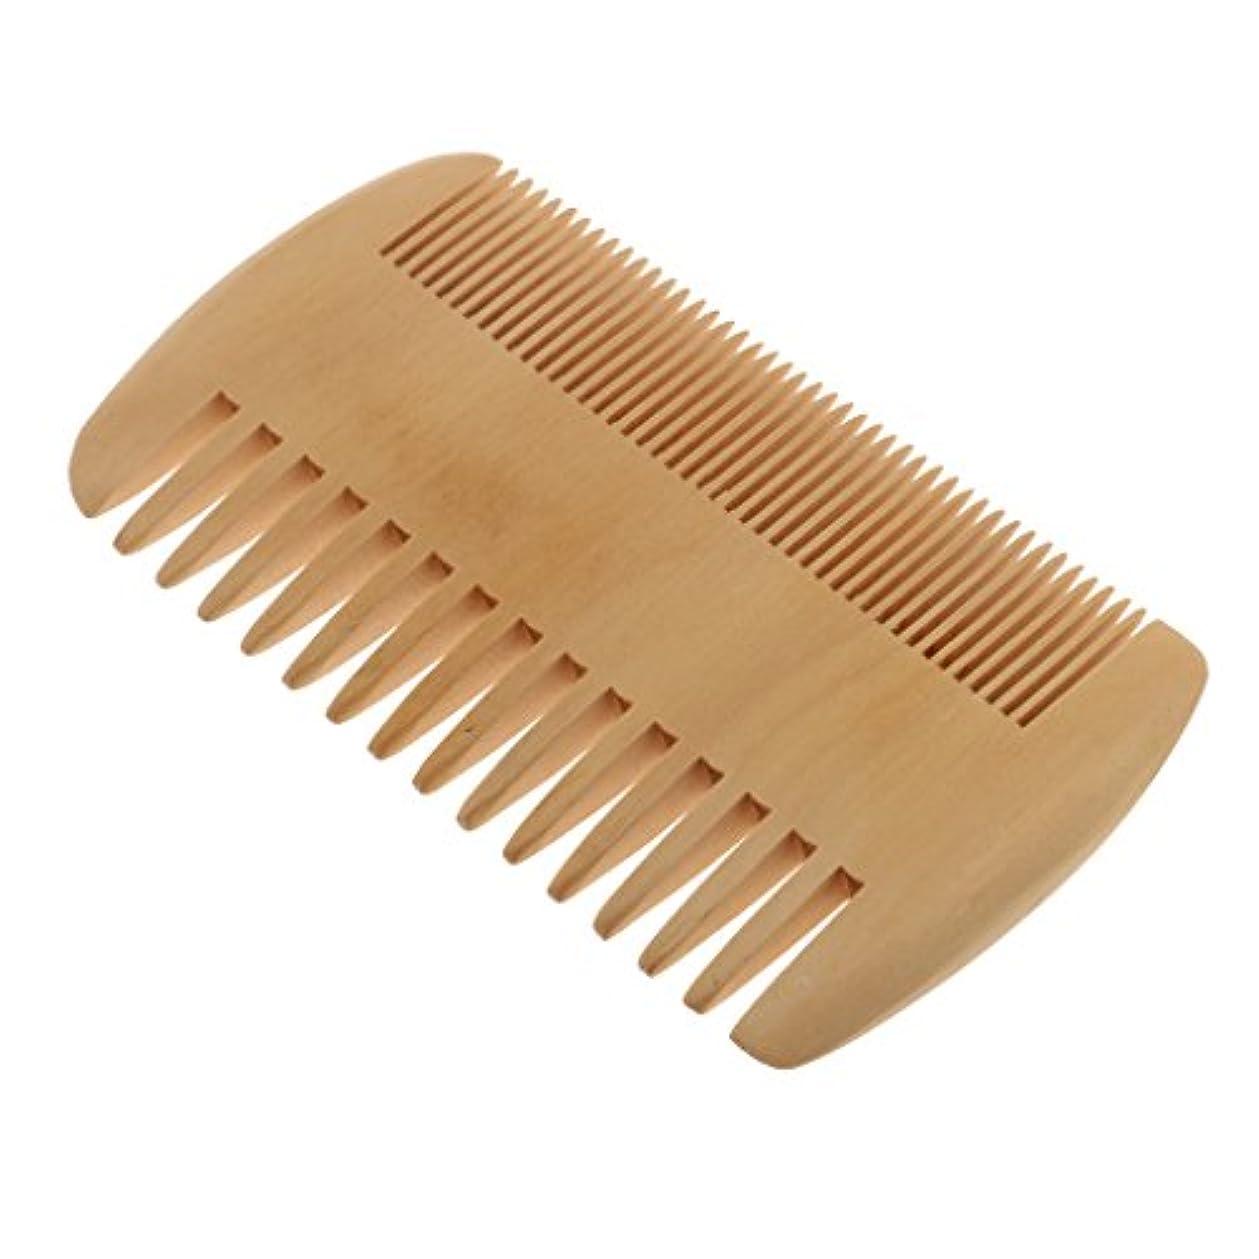 海峡ひも形成仲人ハンドメイドの自然なモモ材長いおよび短いひげのための静的なくしのポケット無し滑らかな先端の毛のマッサージのブラシ